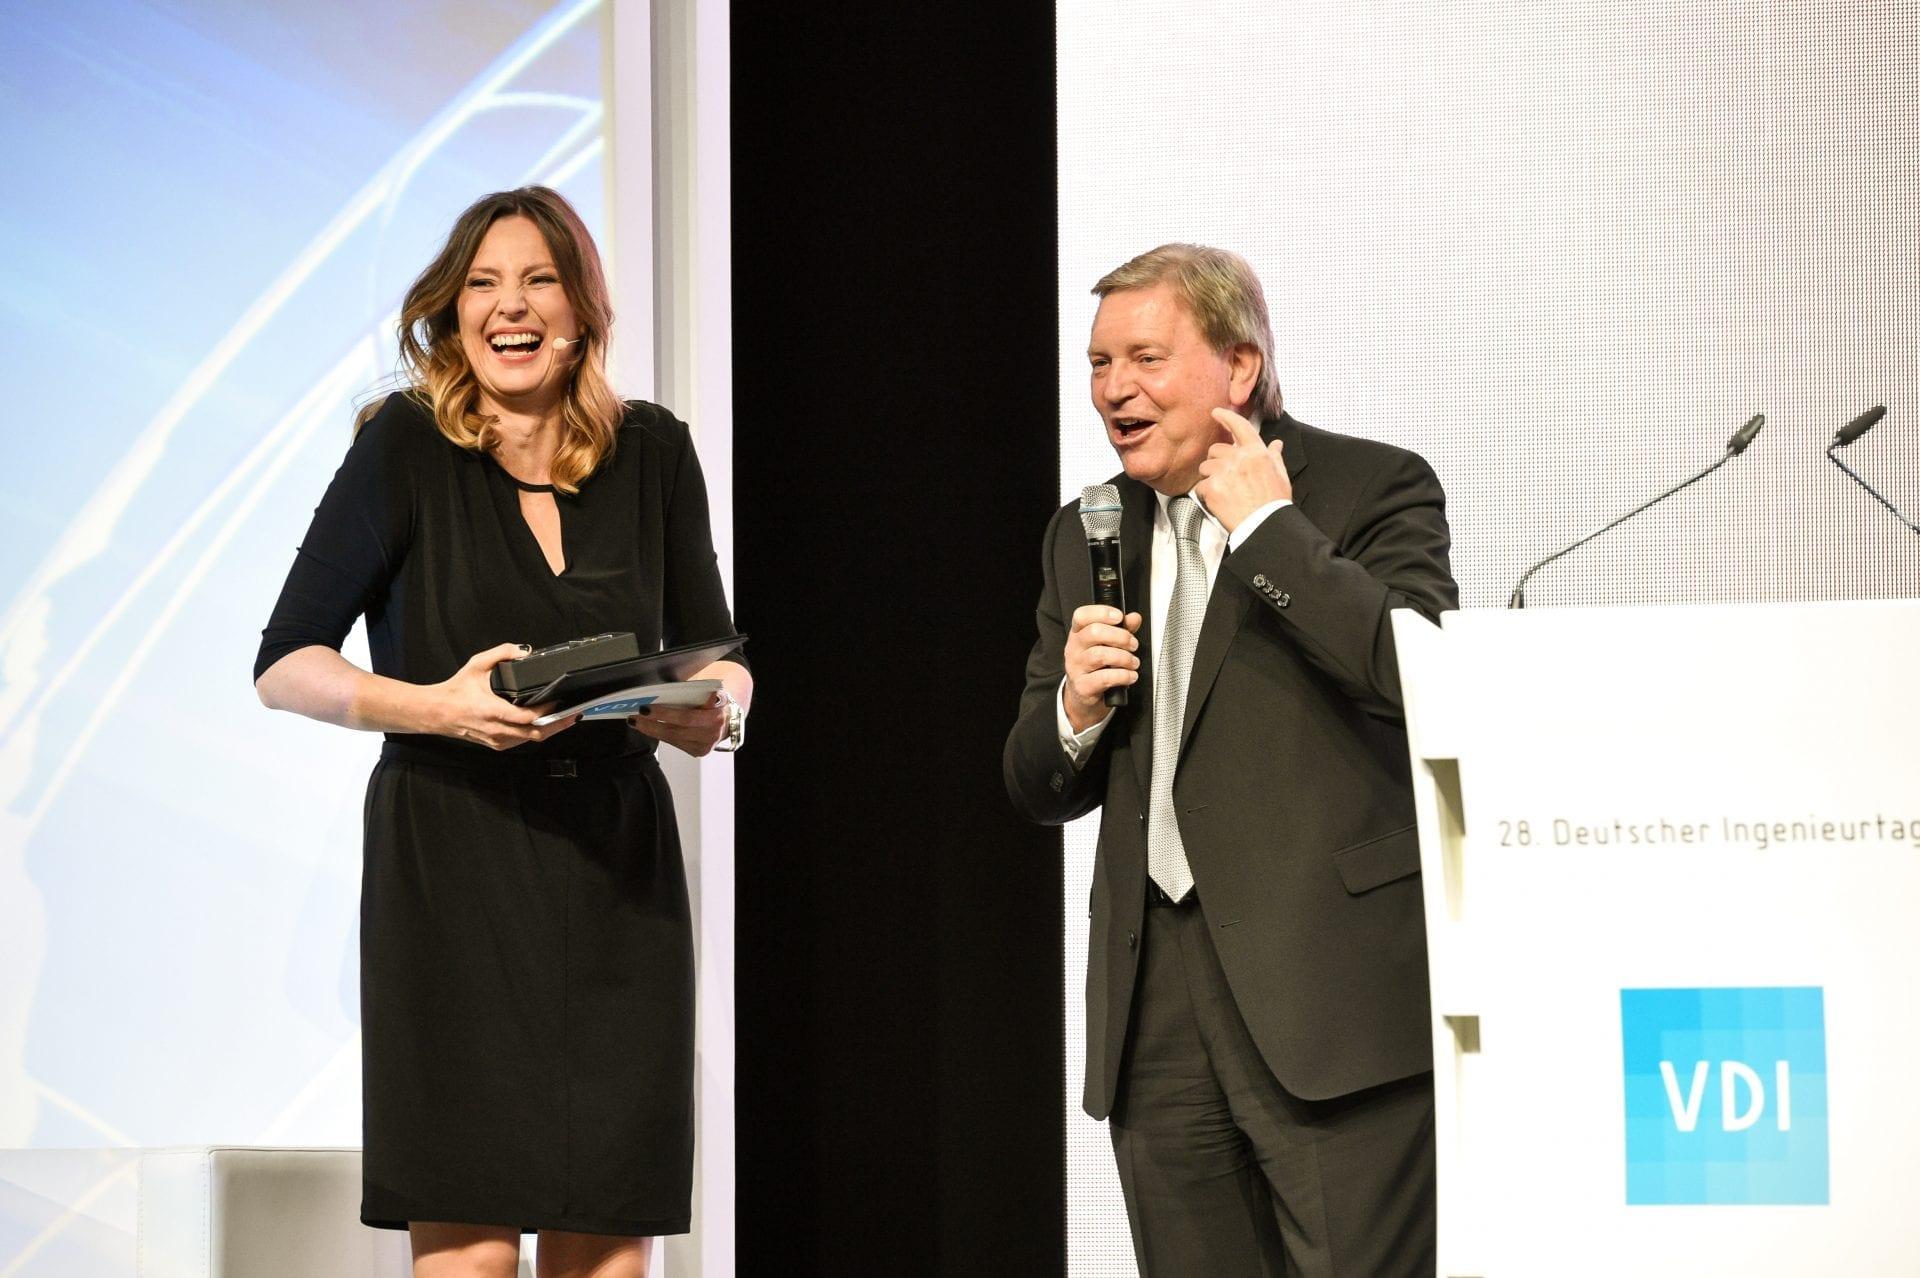 Gala-Moderatorin Kristina zur Mühlen lacht herzlich beim Bühnentalk mit Preisträger Rainer Hirscherberg